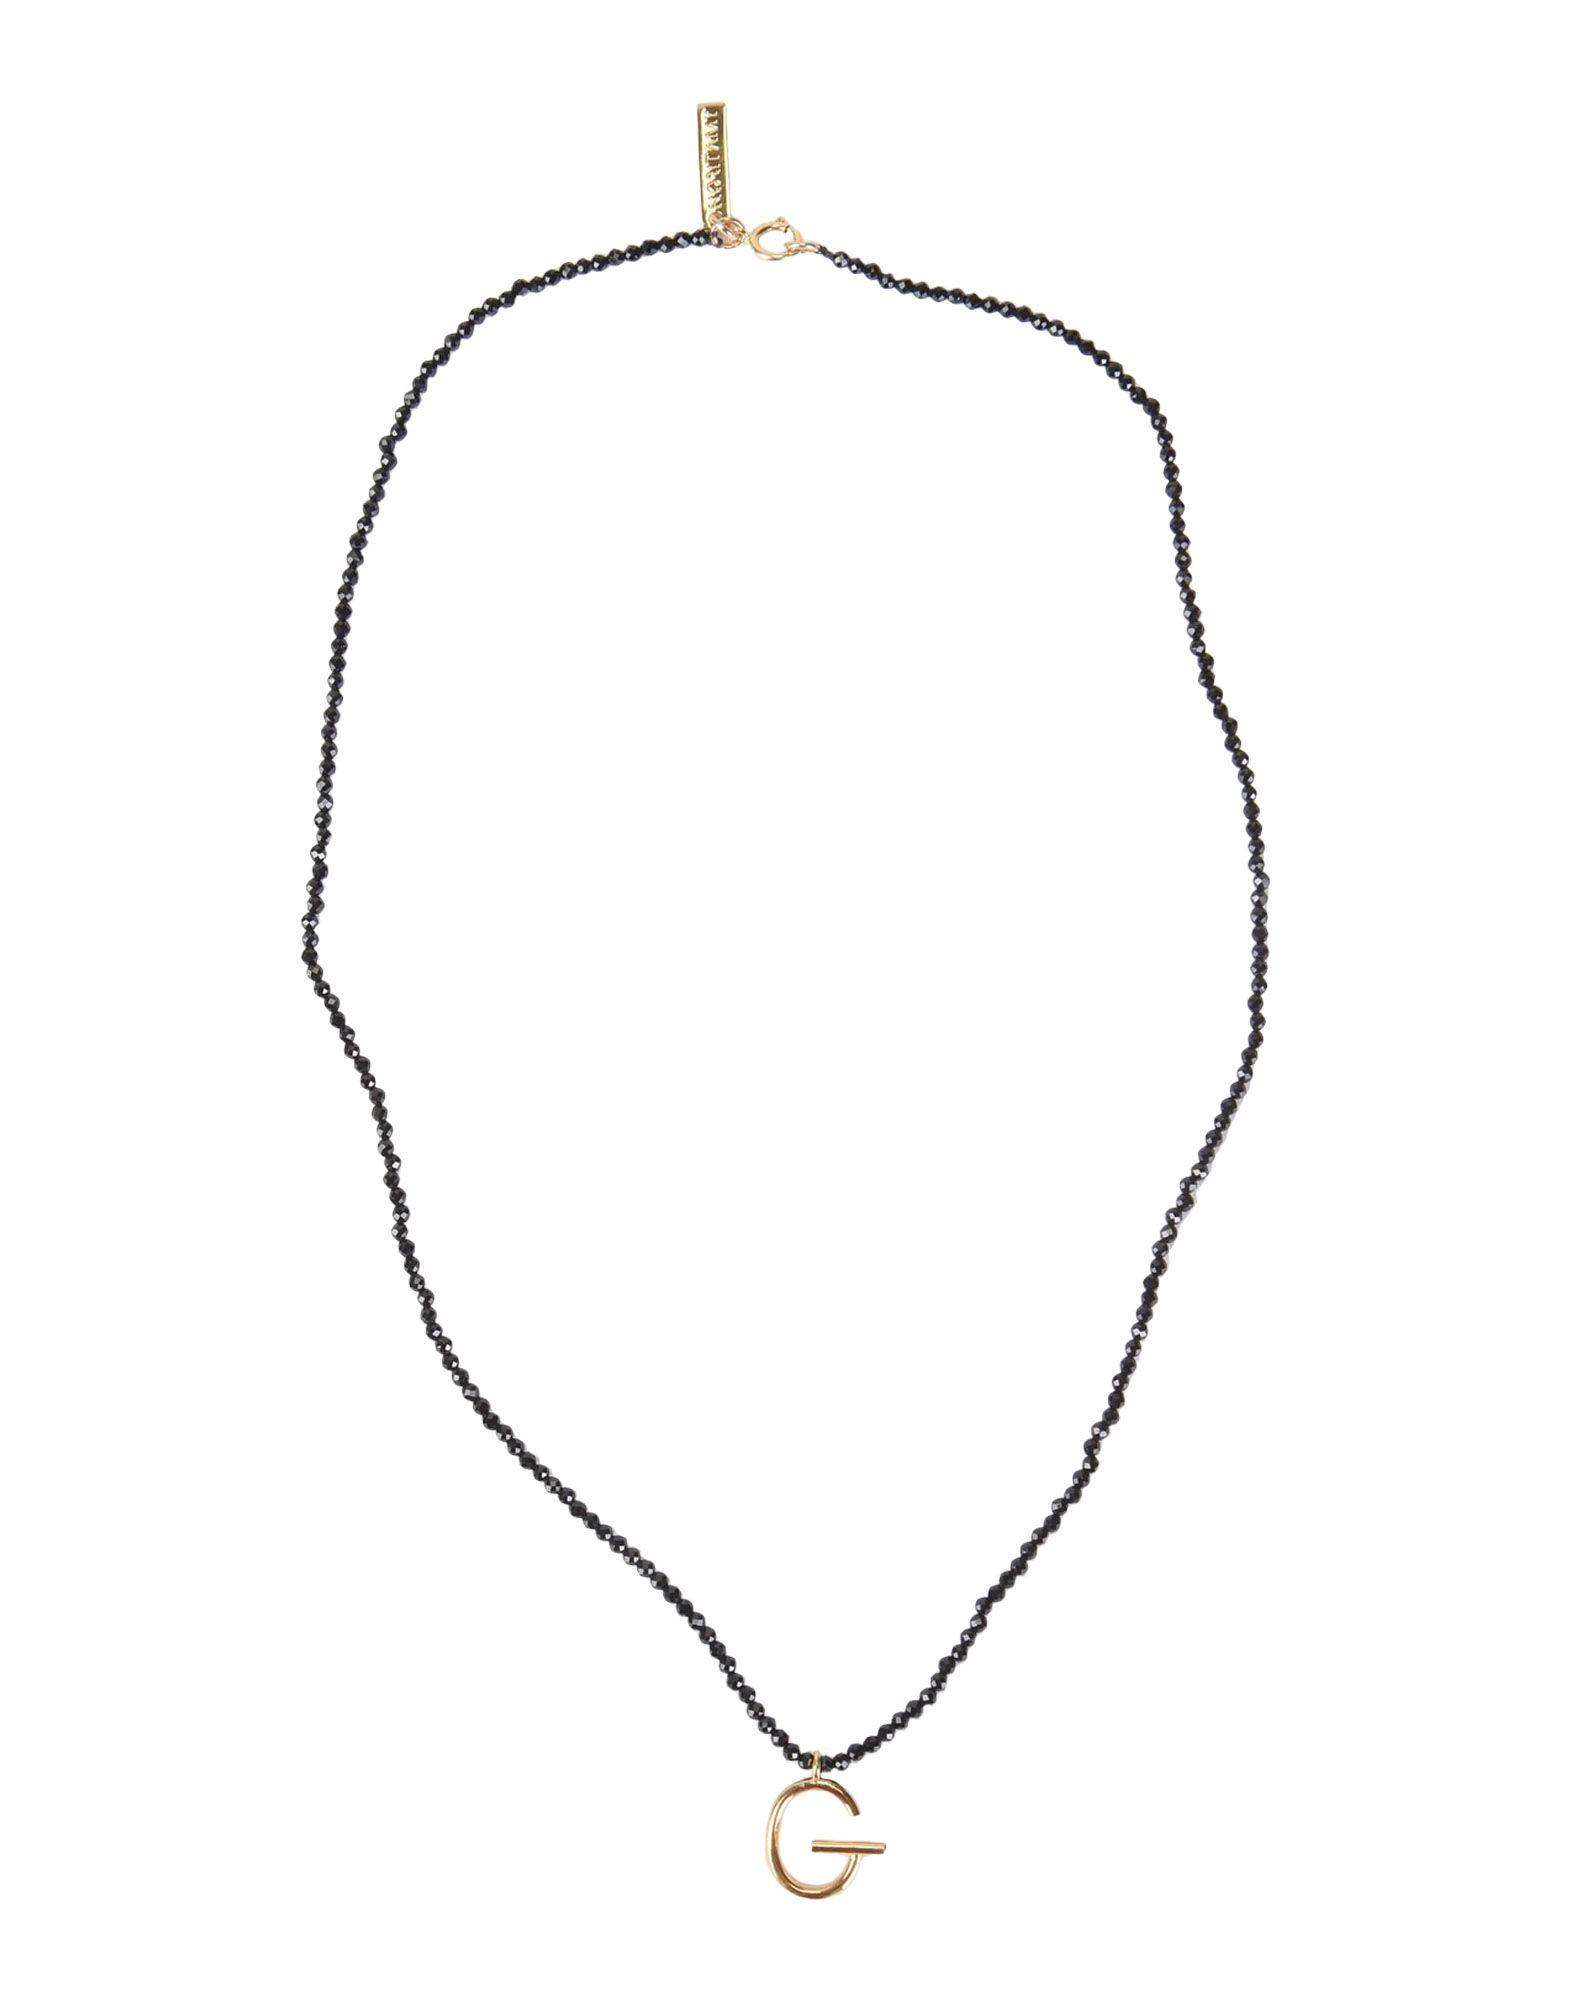 《セール開催中》FIRST PEOPLE FIRST レディース ネックレス ブラック スピネル / シルバー925/1000 Spinel Beads and Letter Pendent necklace